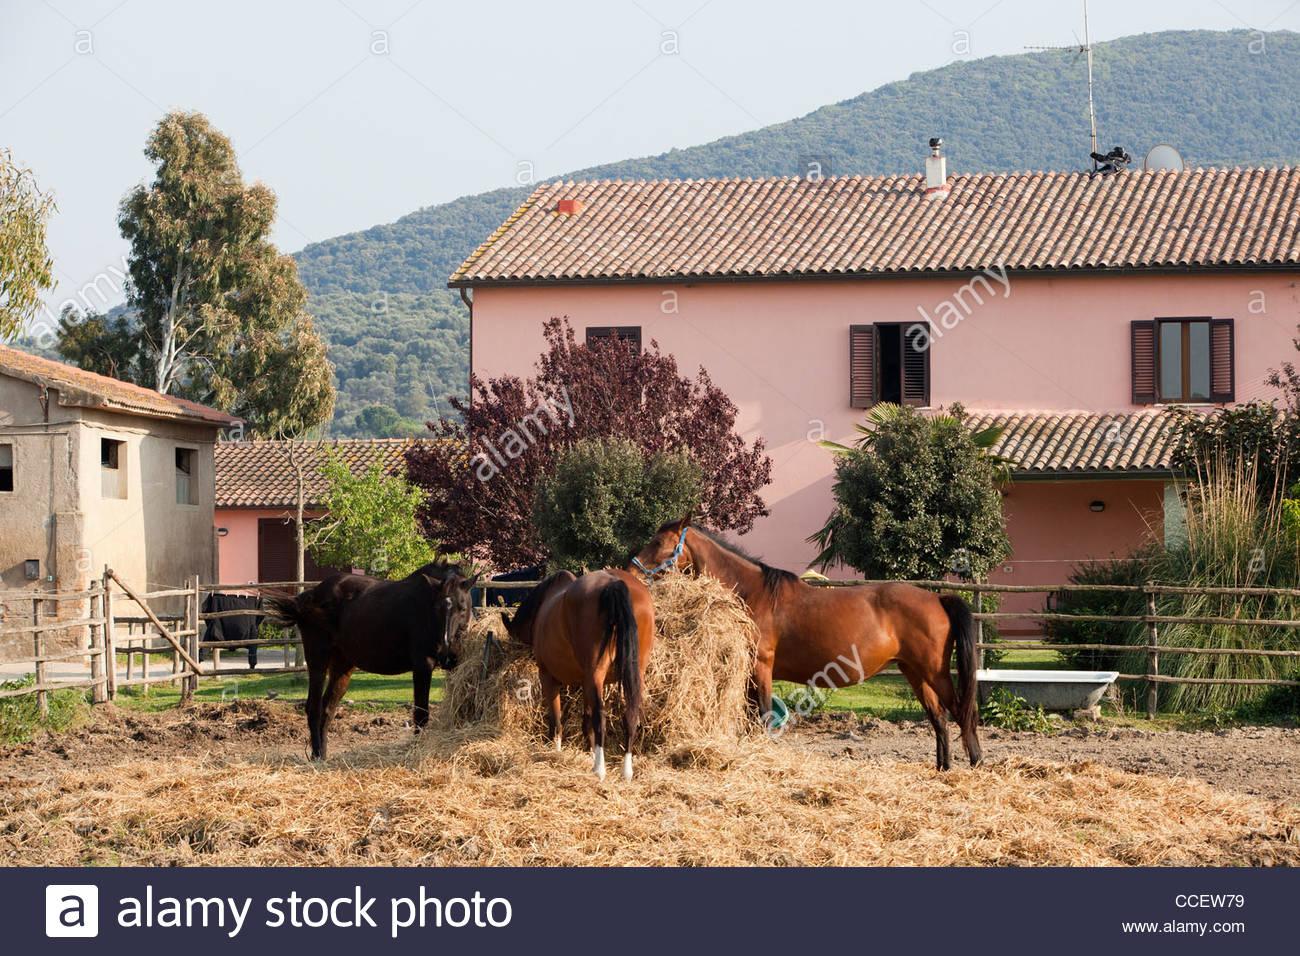 horses,uccellina park,alberese,grosseto province,maremma,,tuscany,italy,europe - Stock Image